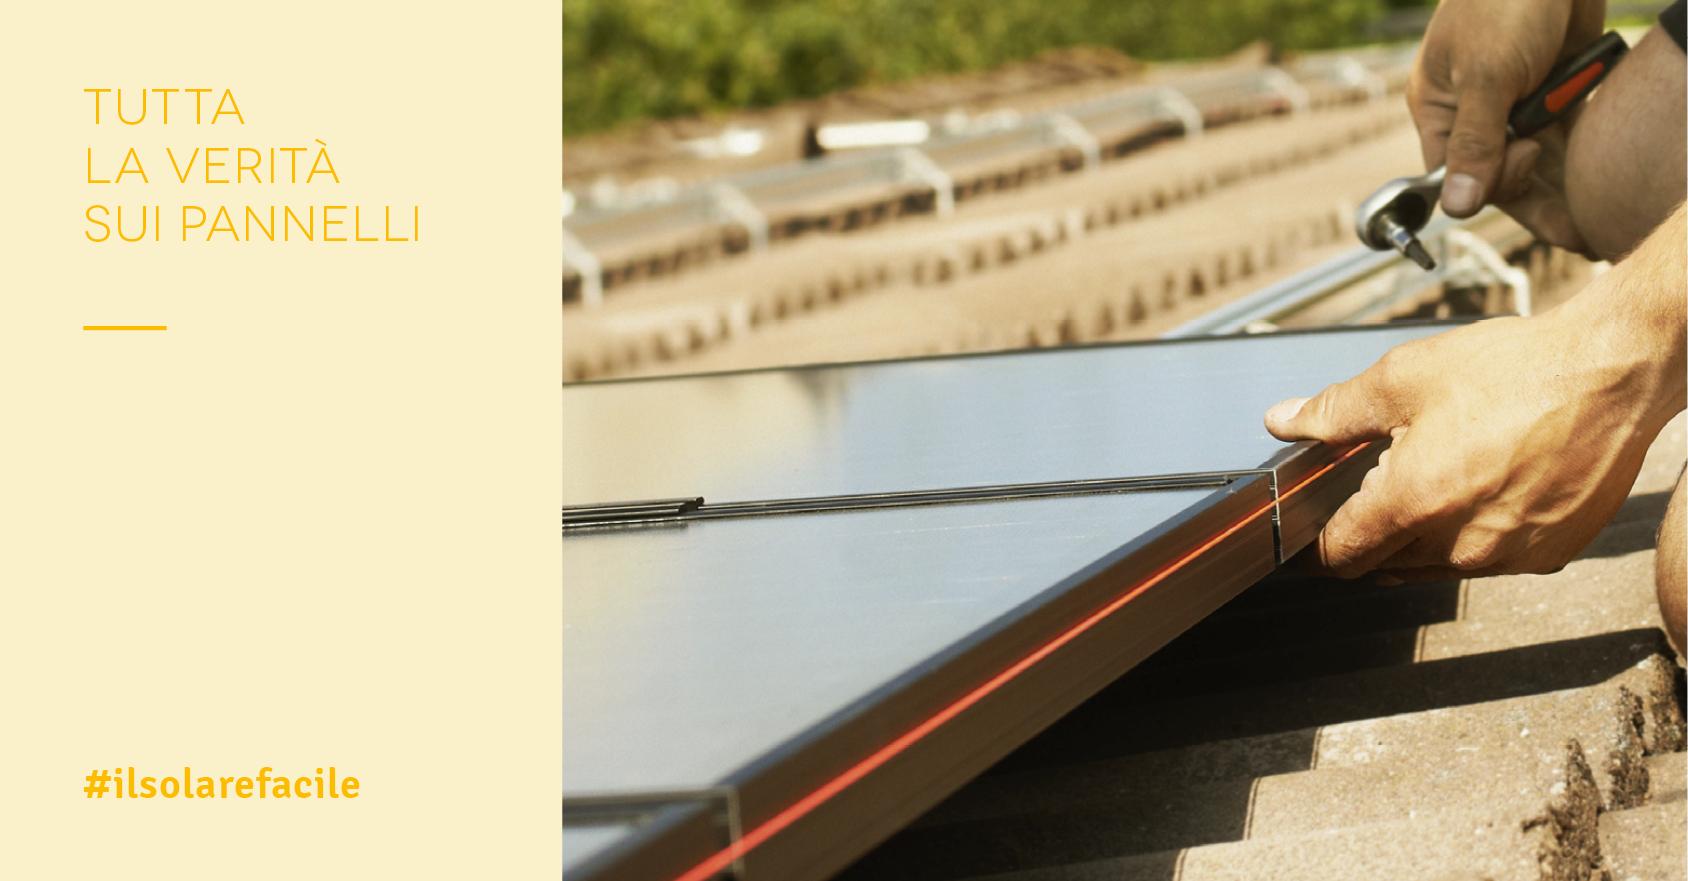 Detrazioni e incentivi fotovoltaico cosa cambia nel 2017 - Incentivi nuove costruzioni 2017 ...